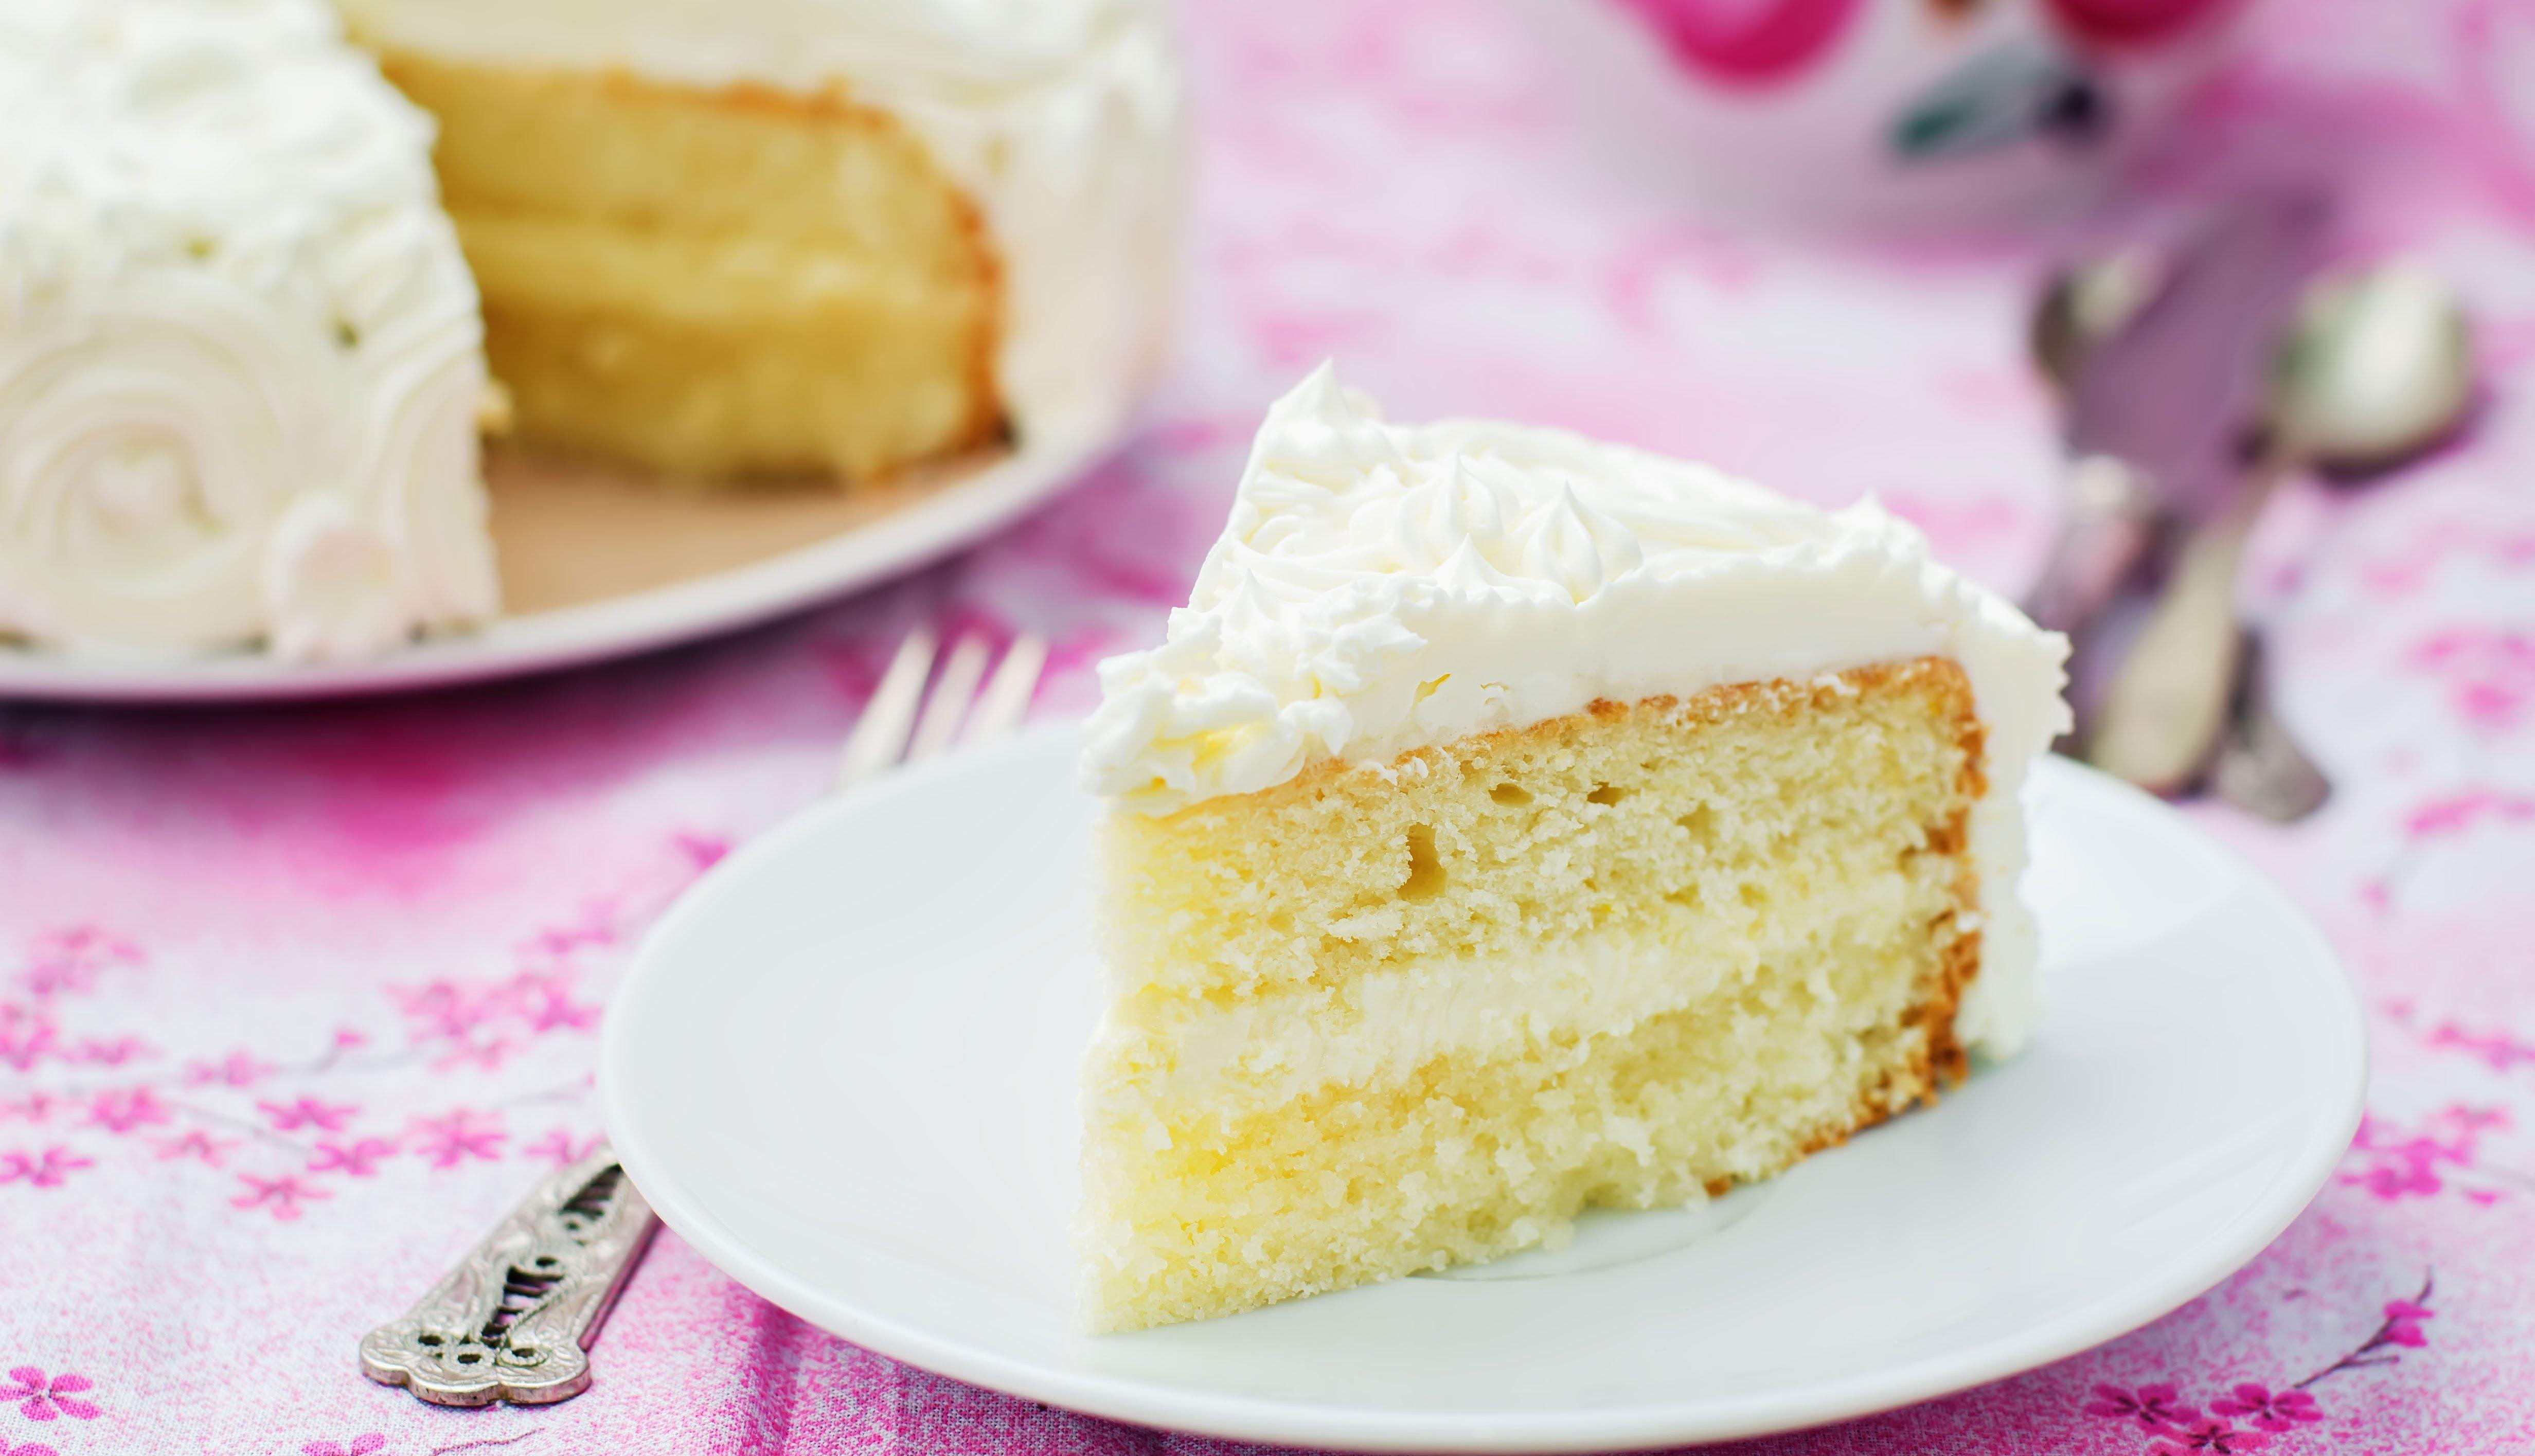 Pedazo de pastel